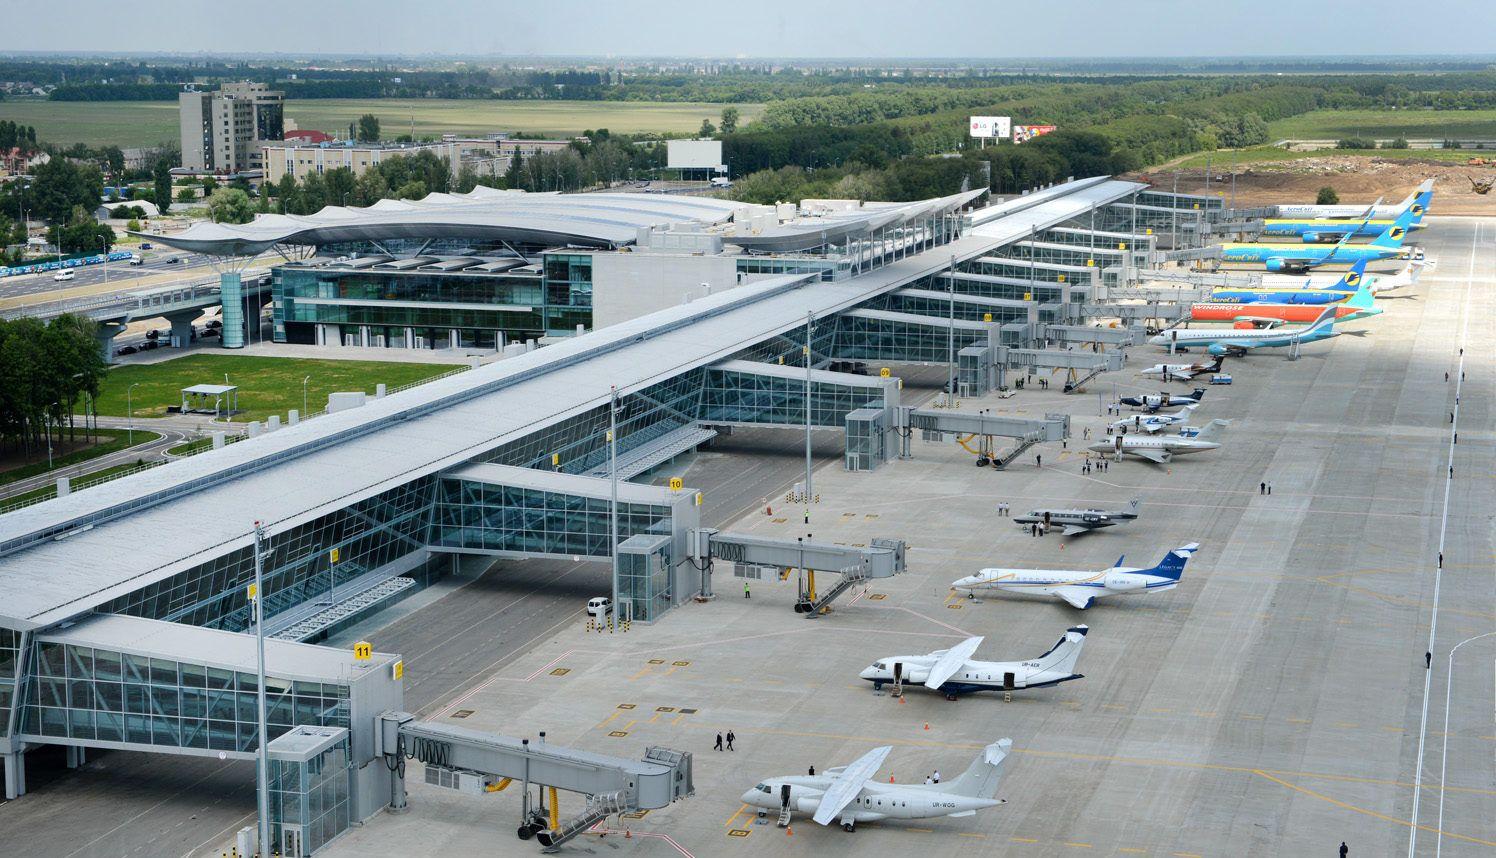 Рейтинг запізнень. Яка найменш пунктуальна авіакомпанія Борисполя? Ні, не МАУ